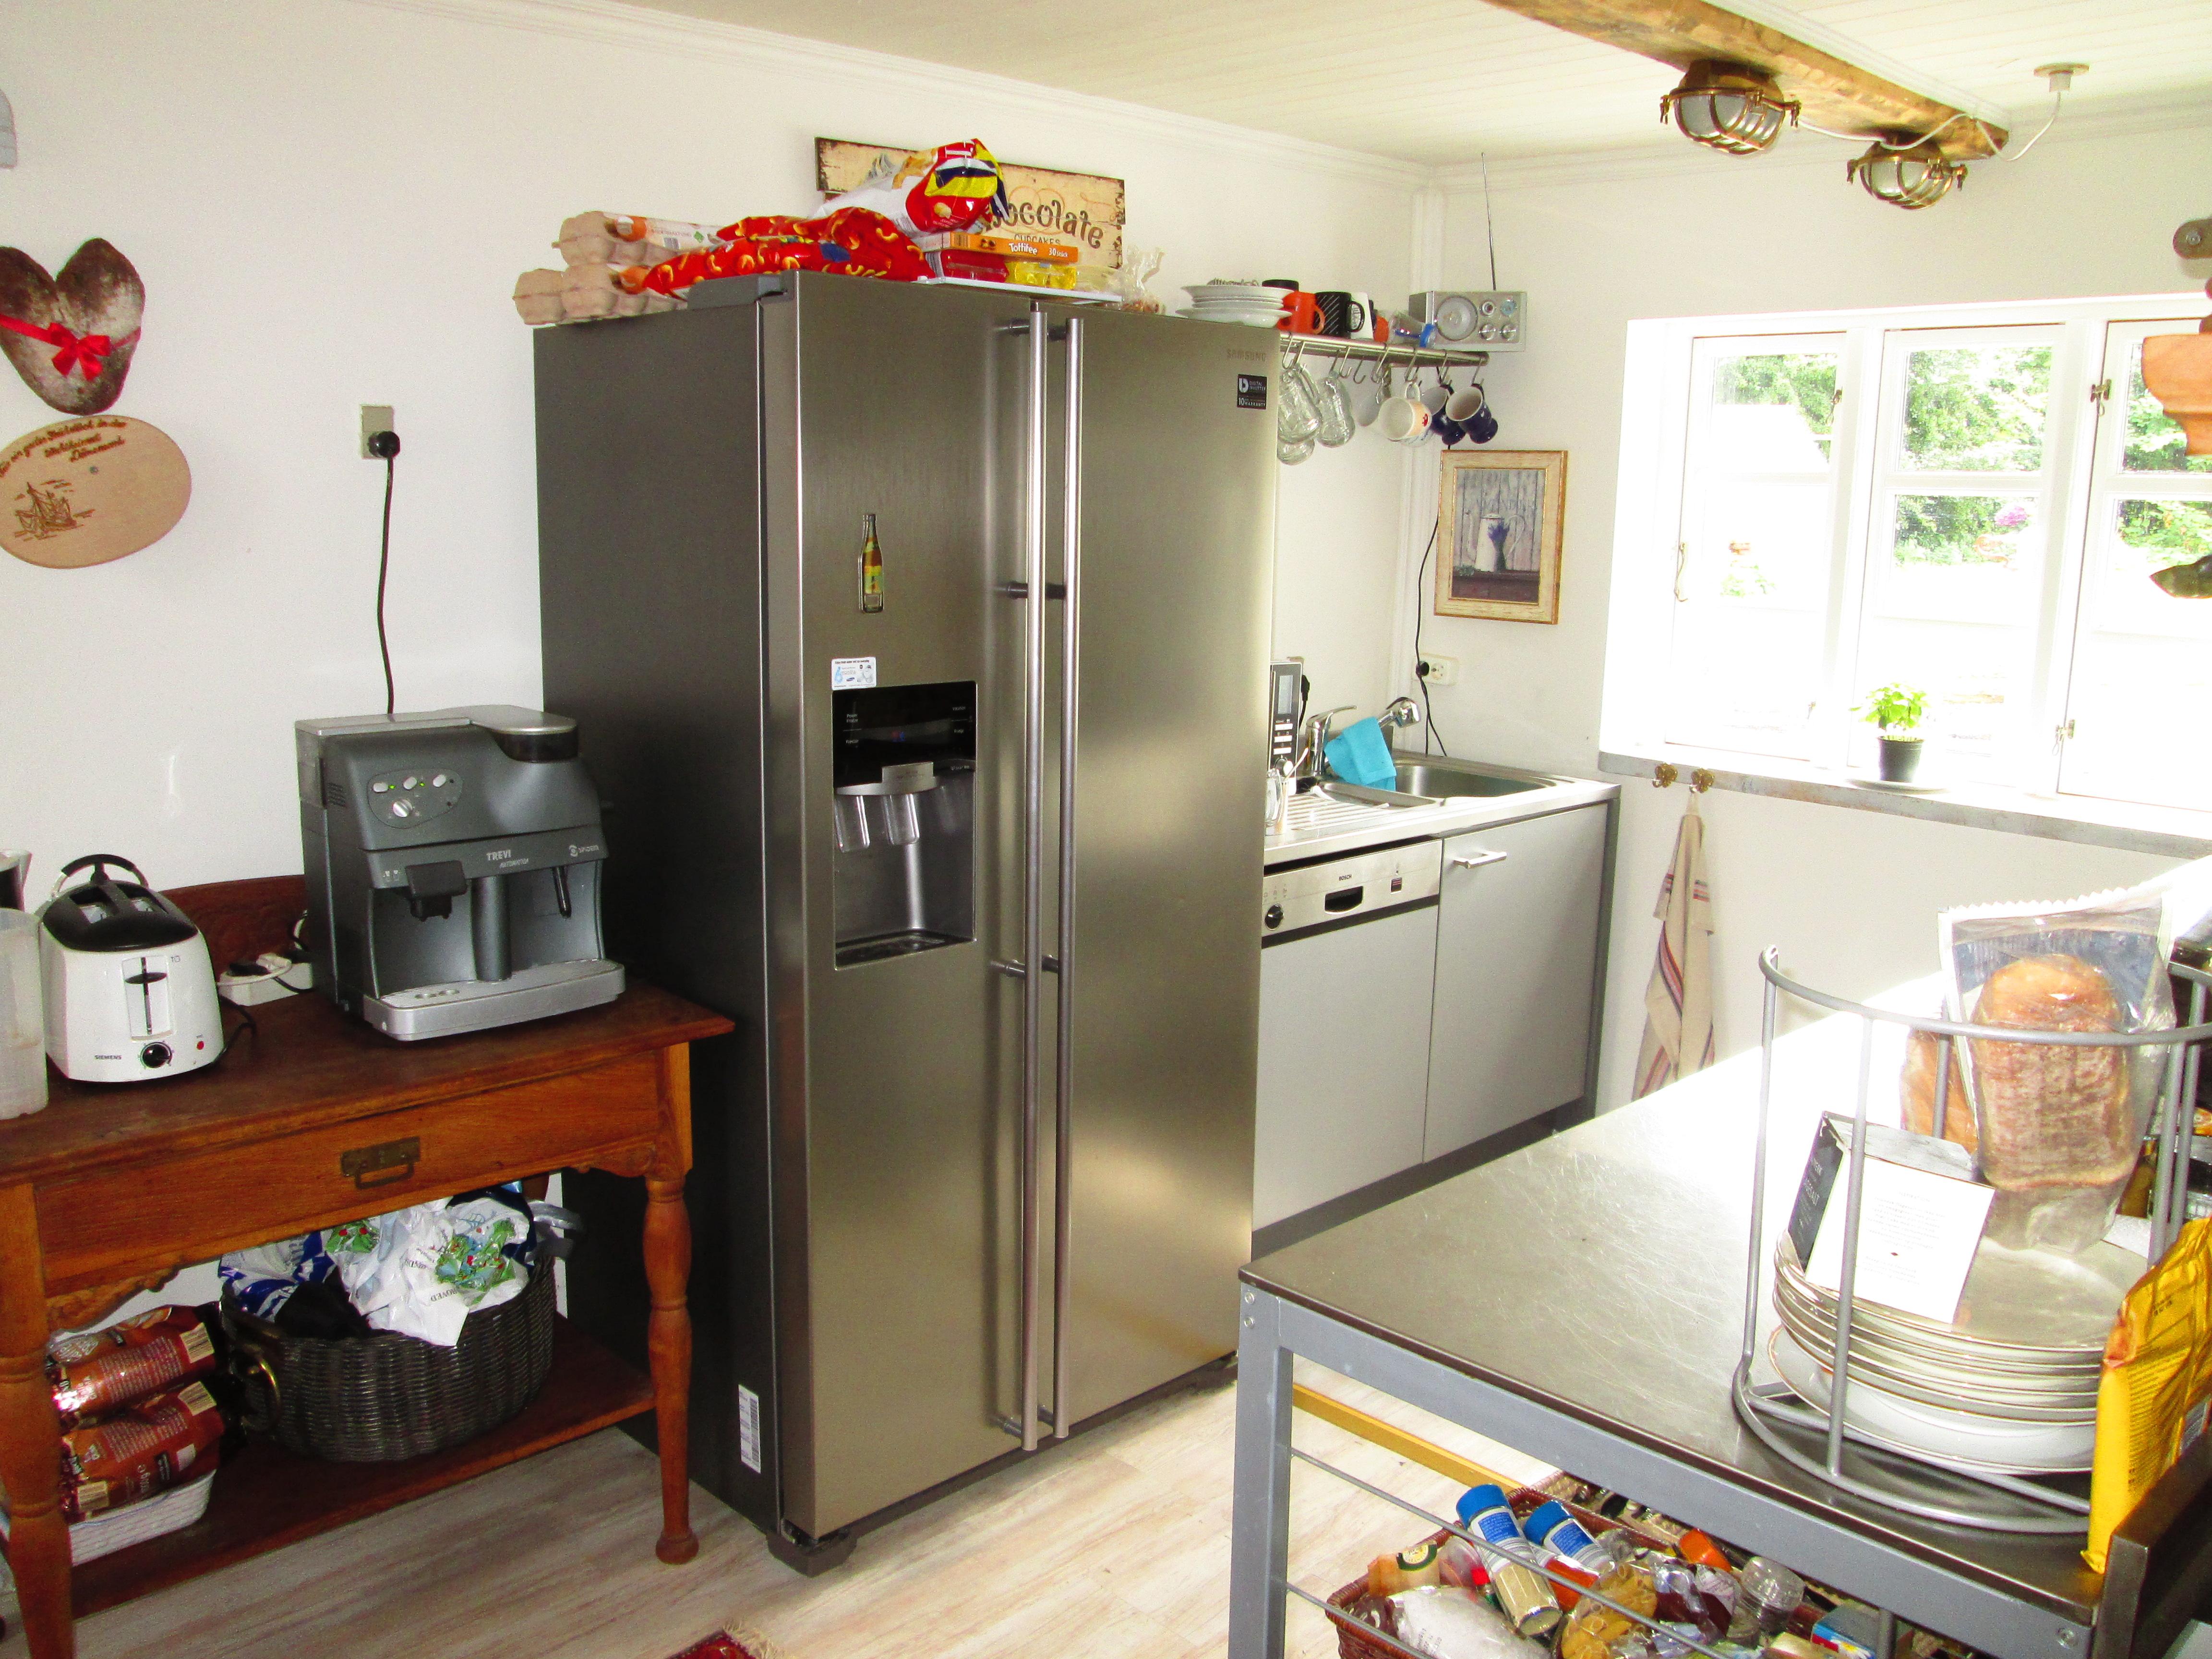 Amerikanischer Kühlschrank In Küche : Küche amerikanischer kühlschrank schatzkammer flintbek